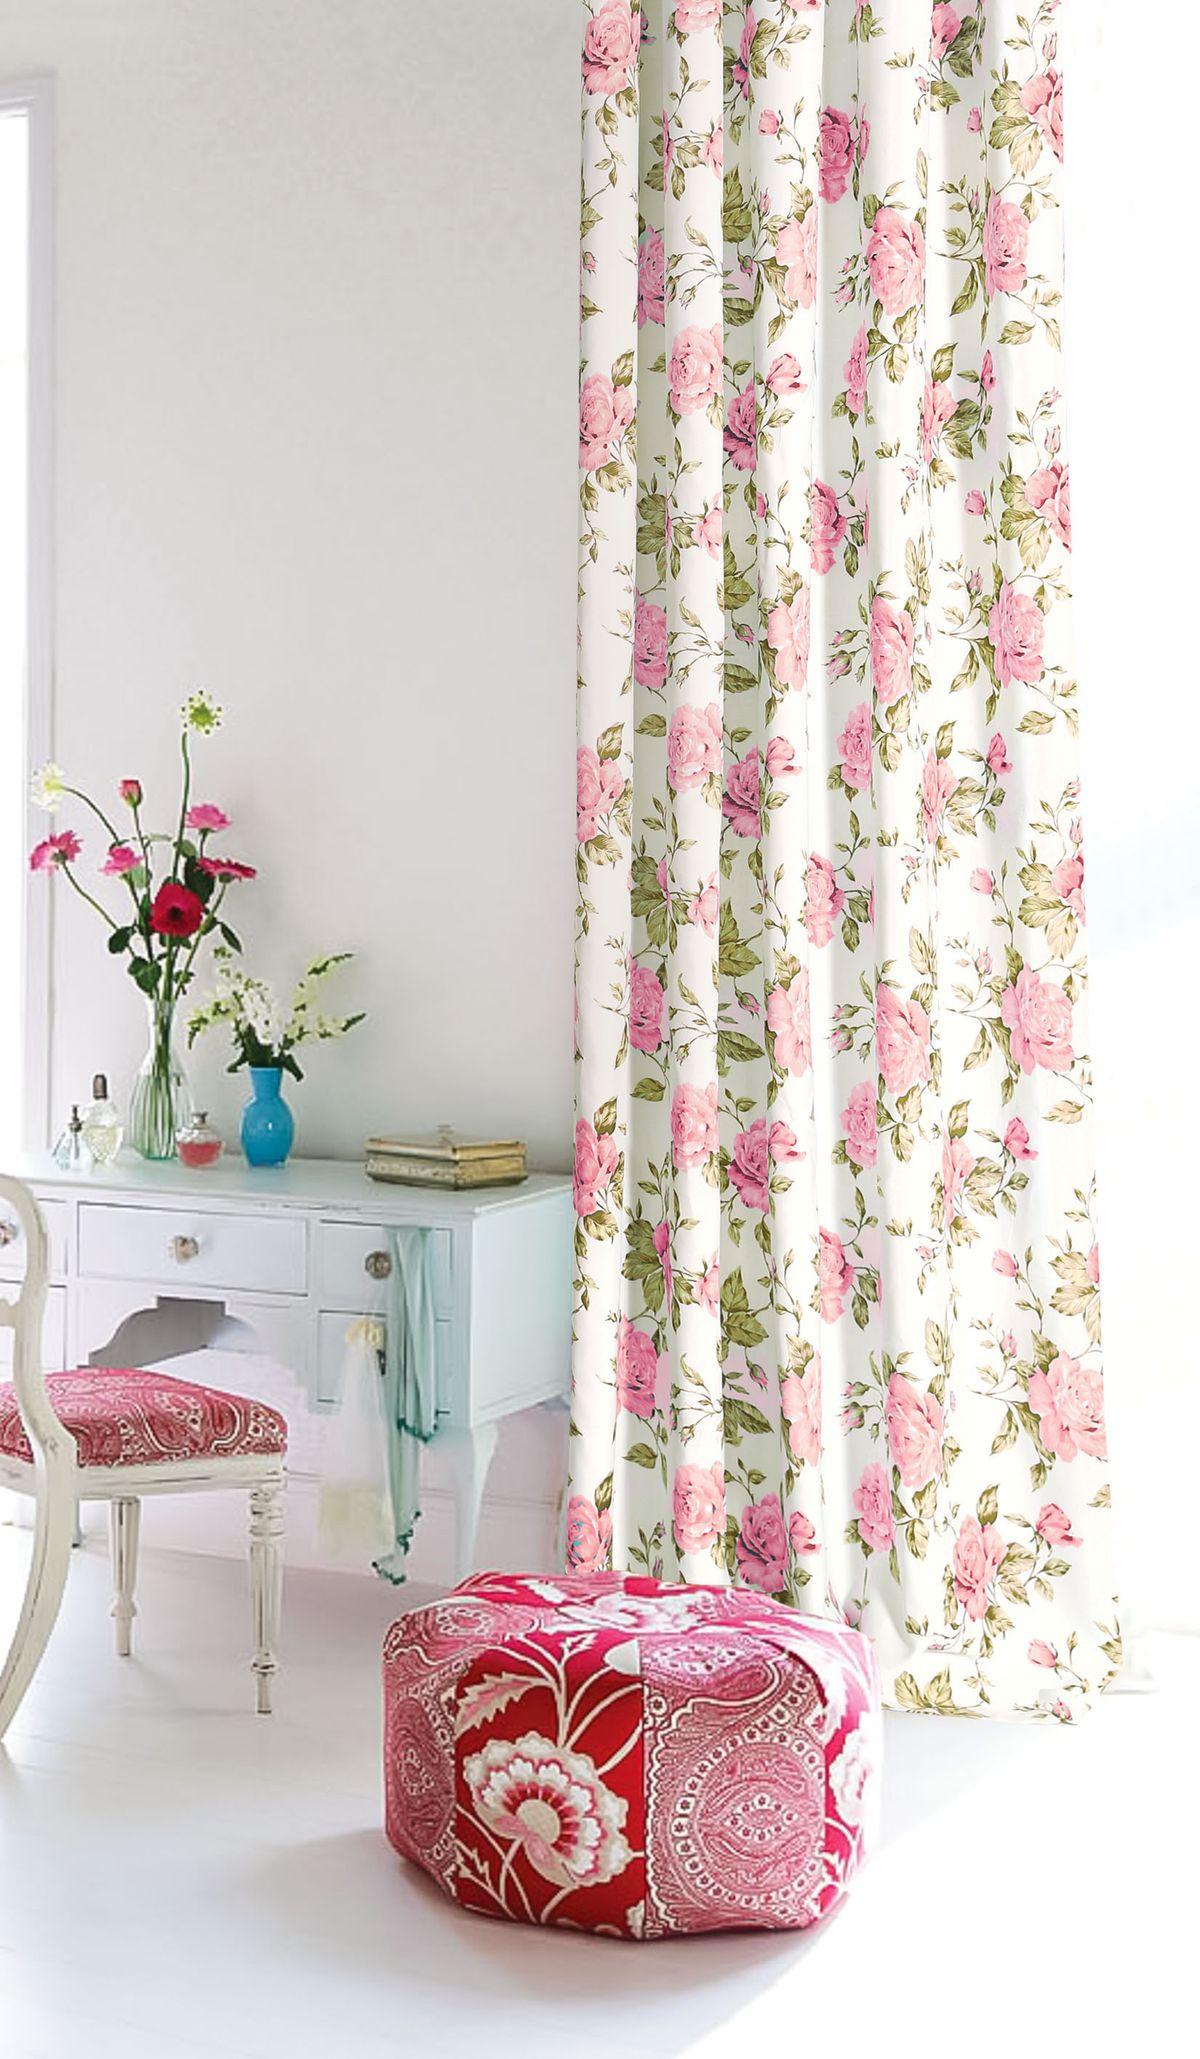 Штора готовая Garden, на ленте, цвет: розовый, 200х260 см. С 9184 - W1687 V21С 9184 - W1687 V21Изящная штора для гостиной Garden выполнена из плотной ткани. Приятная текстура и цвет привлекут к себе внимание и органично впишутся в интерьер помещения. Штора крепится на карниз при помощи ленты, которая поможет красиво и равномерно задрапировать верх.